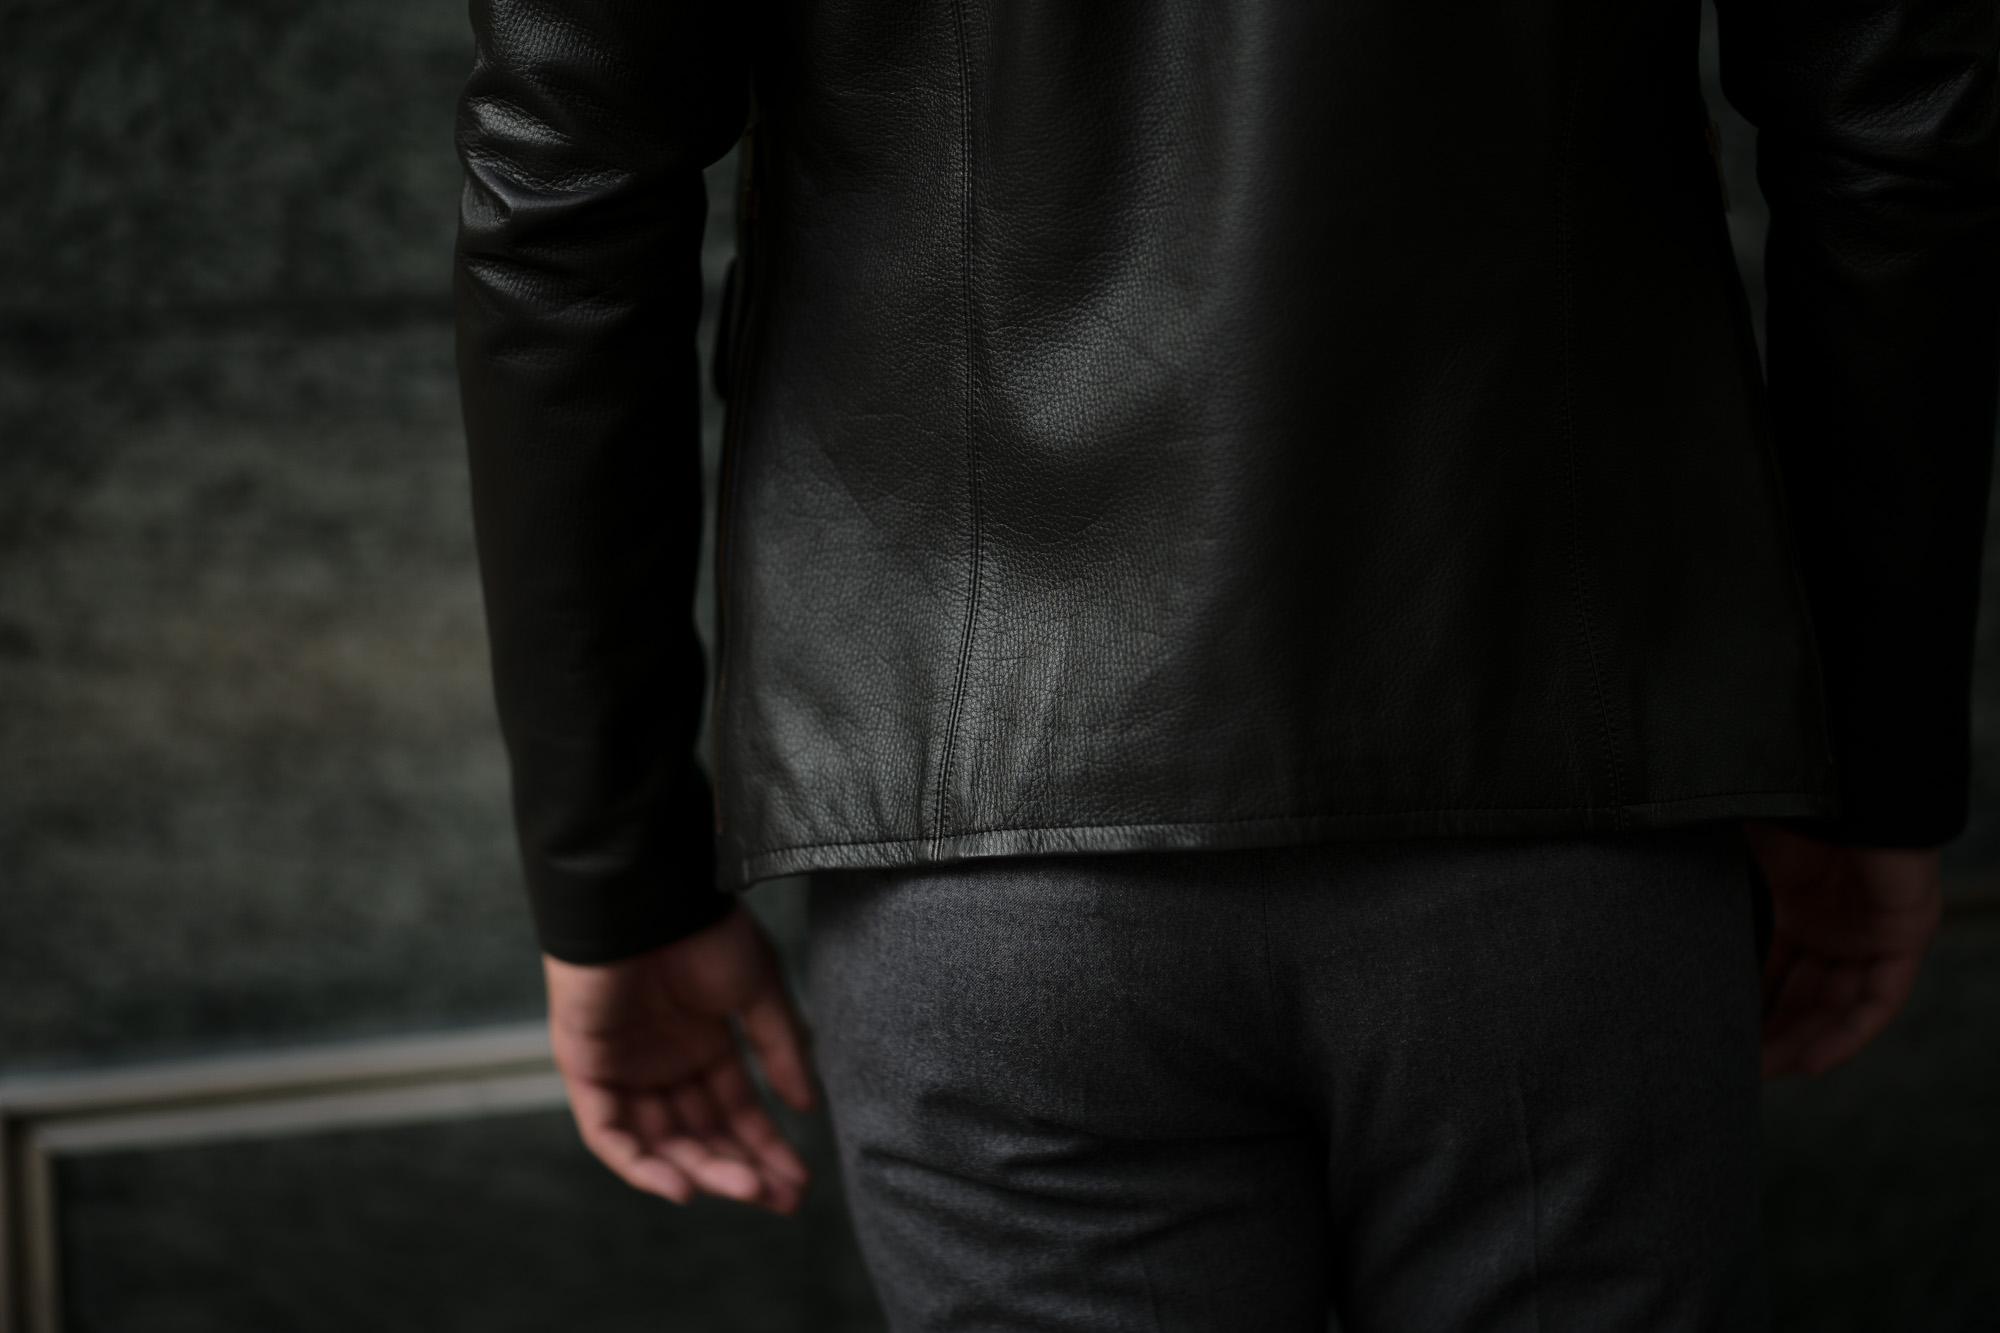 Cuervo (クエルボ) Satisfaction Leather Collection (サティスファクション レザー コレクション) East West(イーストウエスト)  SMOKE(スモーク) BUFFALO LEATHER (バッファロー レザー) レザージャケット BROWN(ブラウン) MADE IN JAPAN (日本製) 2019 秋冬新作  愛知 名古屋 altoediritto アルトエデリット 洋服屋 レザージャケット サウスパラディソ eastwest